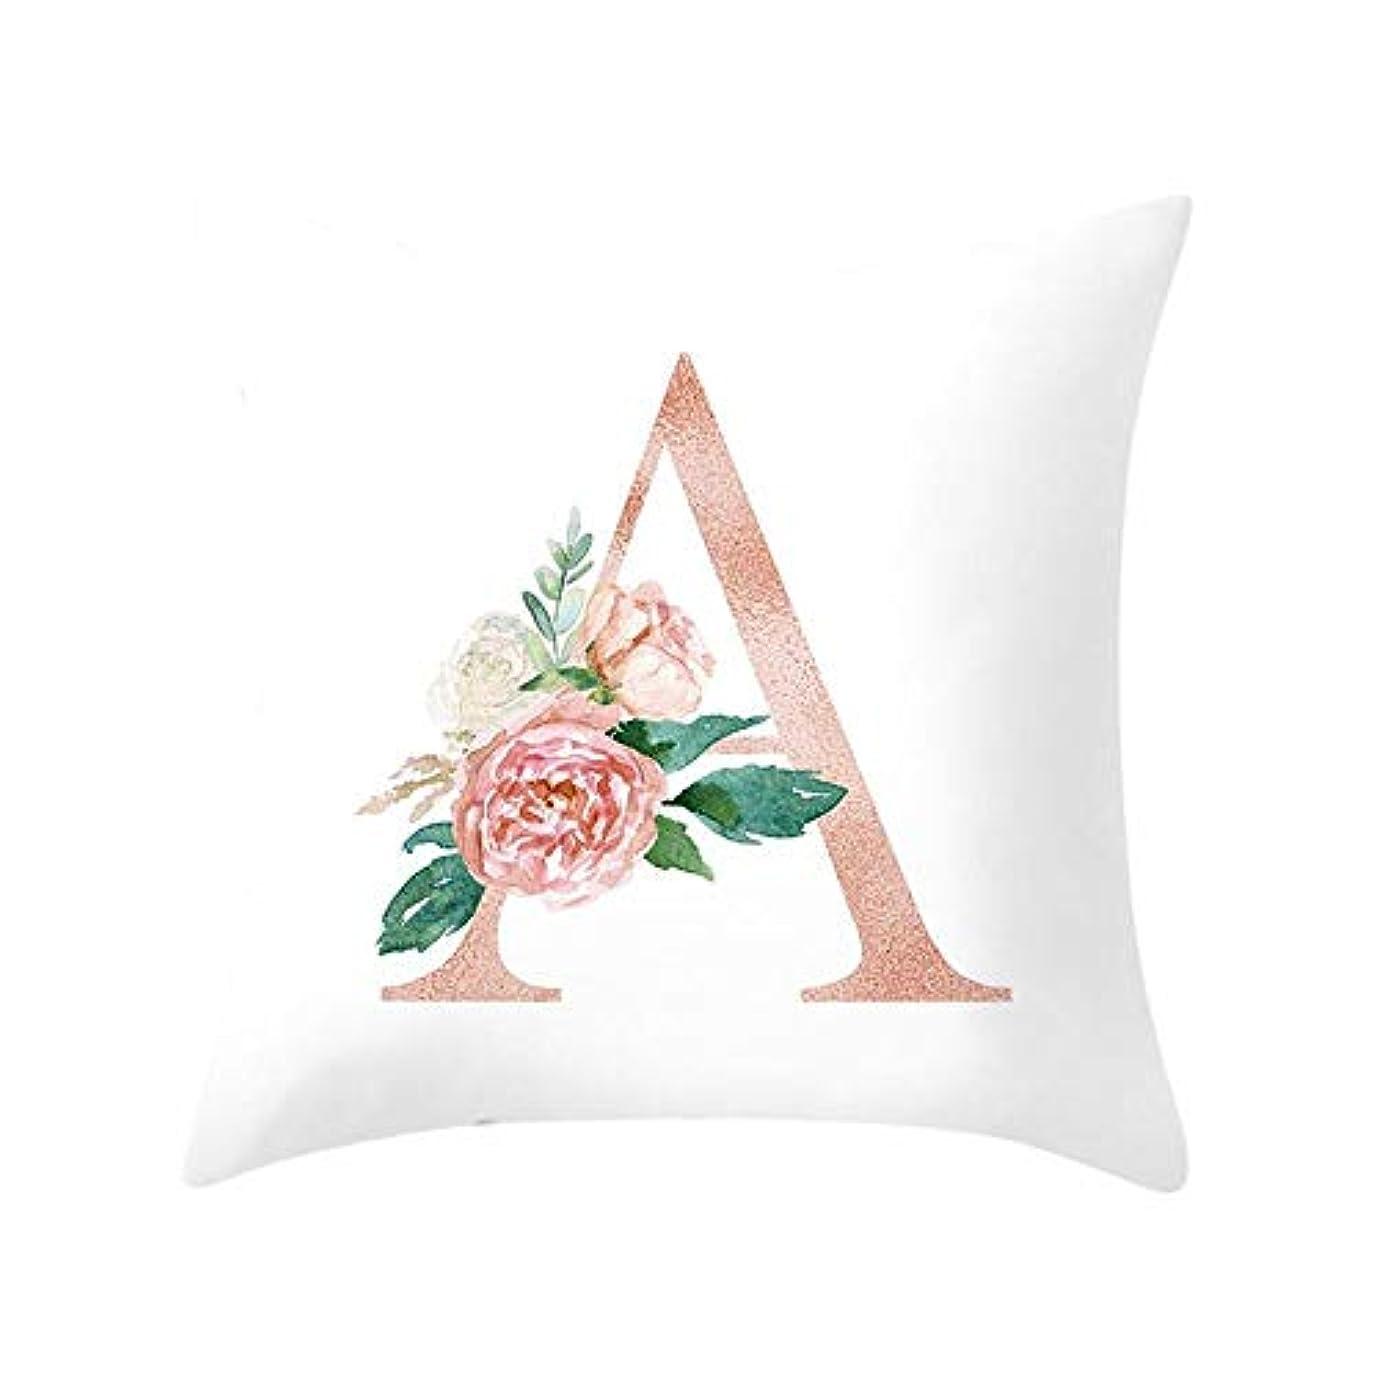 水気味の悪い野なLIFE 装飾クッションソファ手紙枕アルファベットクッション印刷ソファ家の装飾の花枕 coussin decoratif クッション 椅子